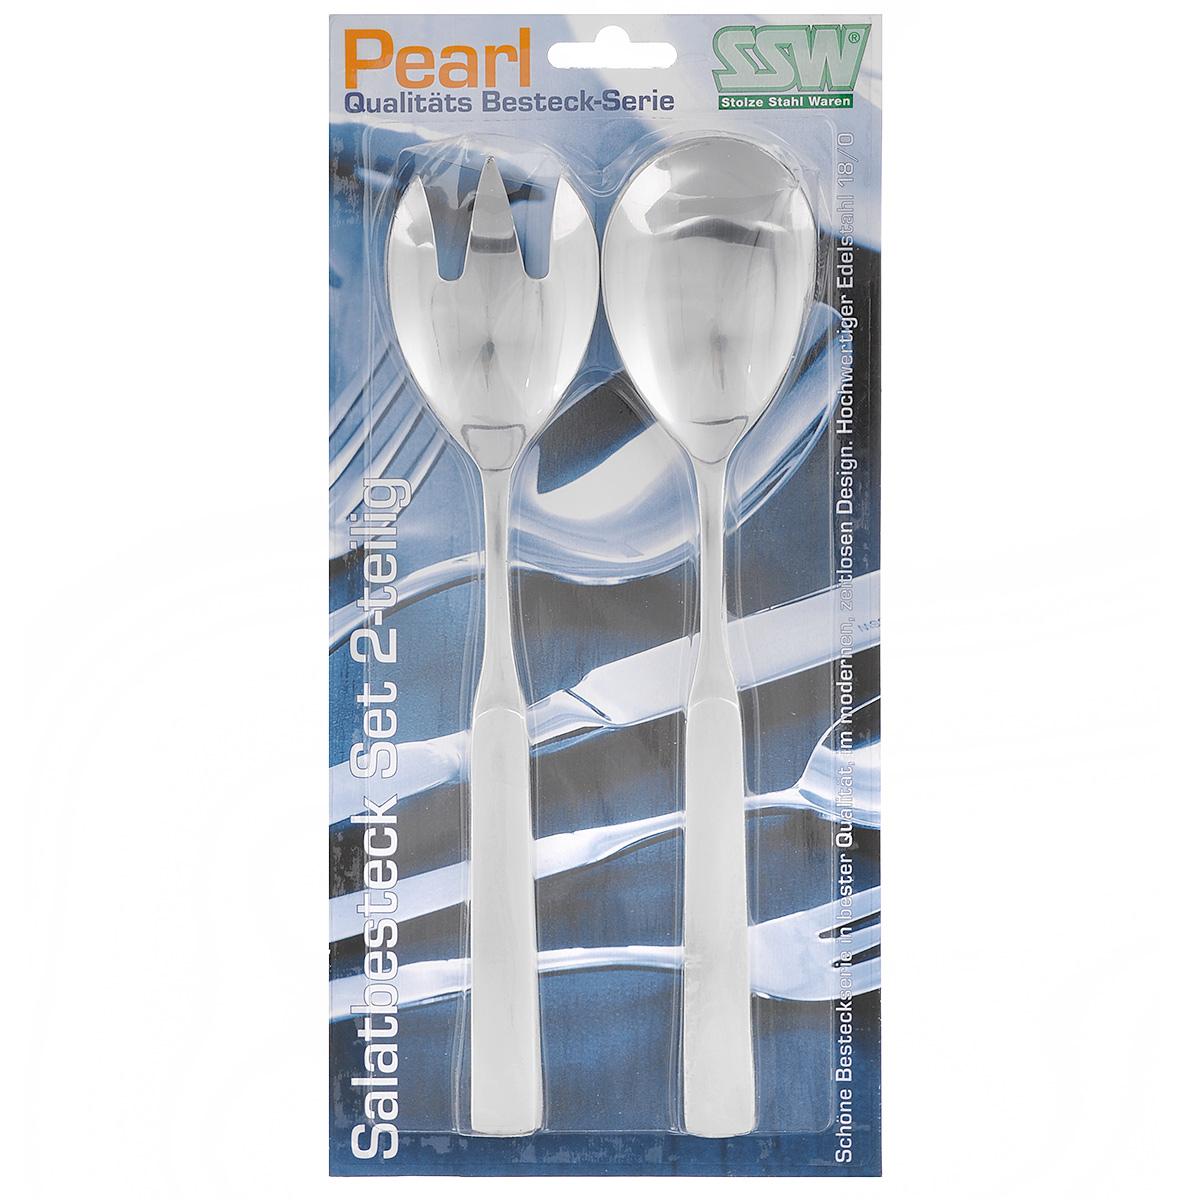 Набор ложек для салата SSW Pearl, 2 предмета54 009312Набор ложек для салата SSW Pearl выполнен из нержавеющей стали. Таким набором удобно перемешивать и выкладывать на тарелки зеленые салаты, в которых много нежных листьев и трав. Если перемешивать их простой ложкой - легко помять зелень. Пользуясь же этим набором для смешивания, или как щипцами, чтобы положить салат на тарелку, вы никогда не изомнете салатные листья.Изделия можно мыть в посудомоечной машине.Длина предметов: 23,5 см.Длина рабочей части: 7 см.